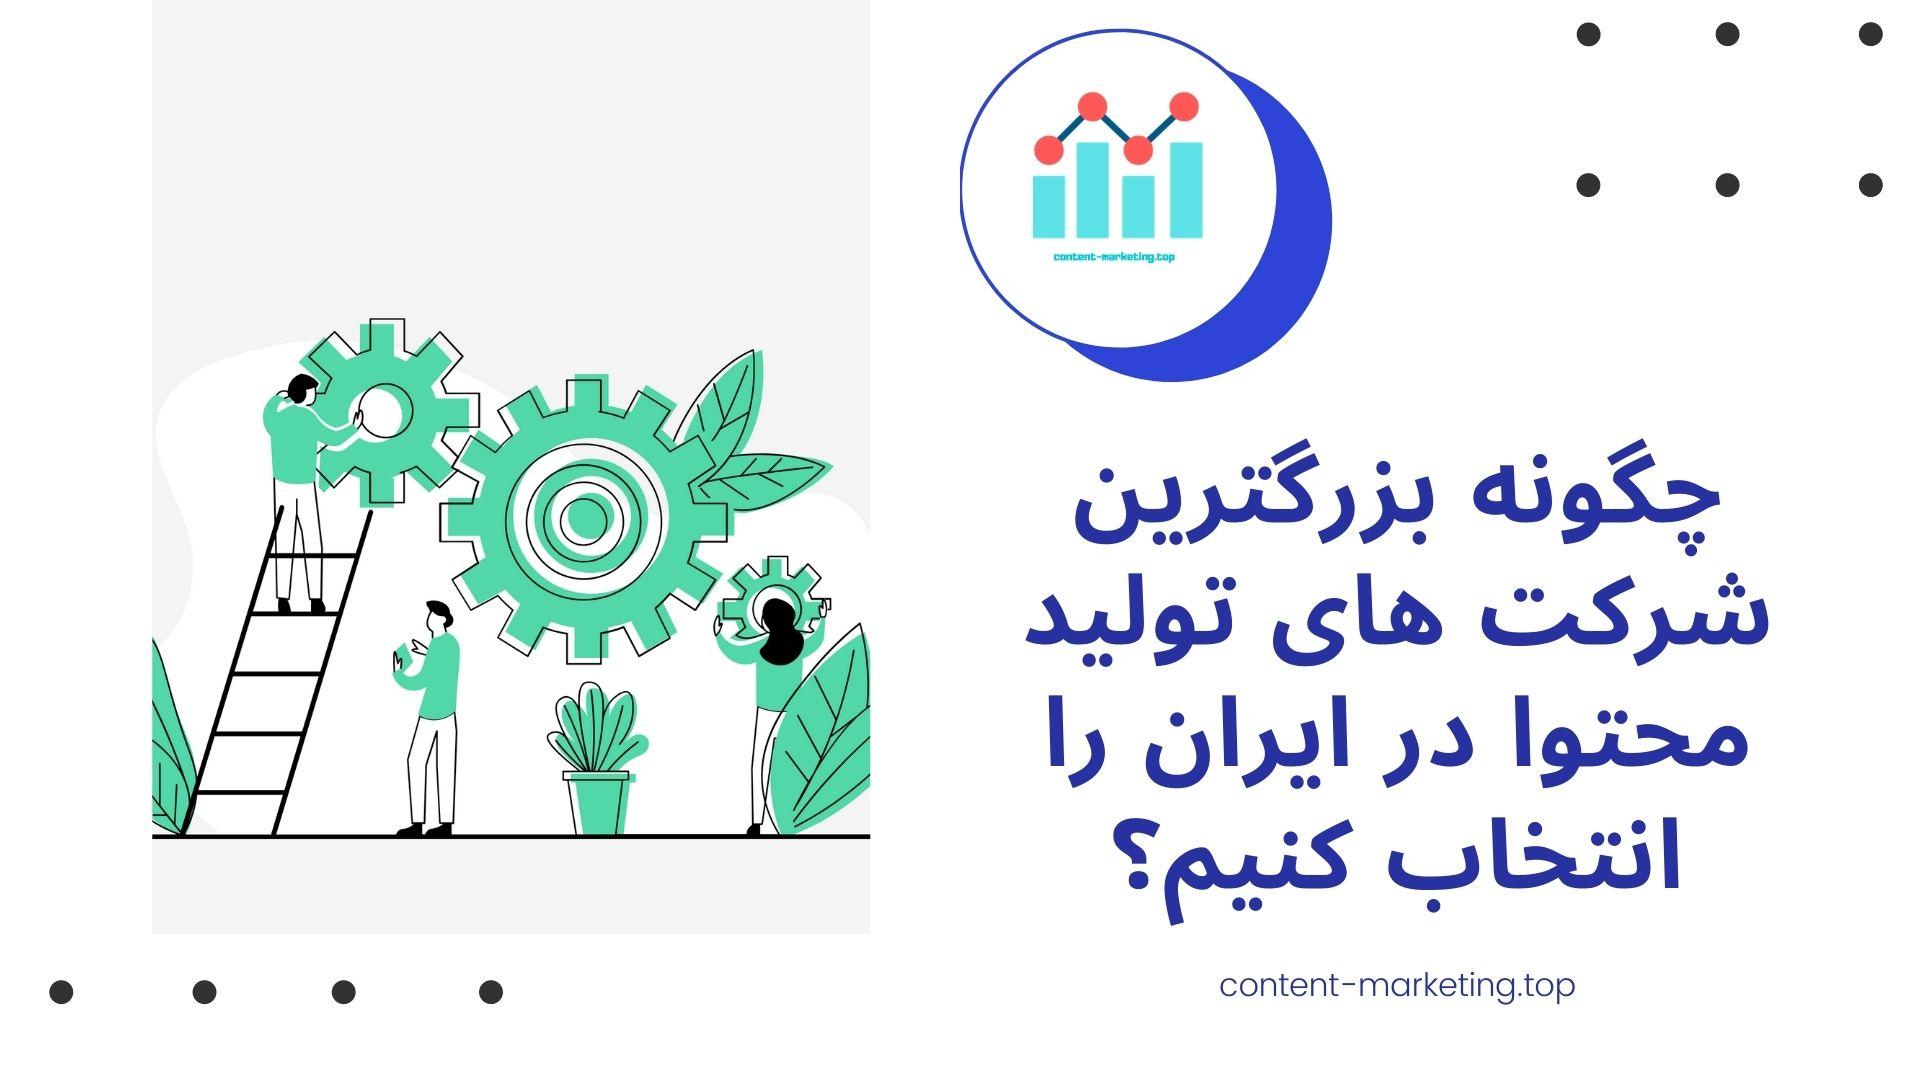 چگونه بزرگترین شرکت های تولید محتوا در ایران را انتخاب کنیم؟